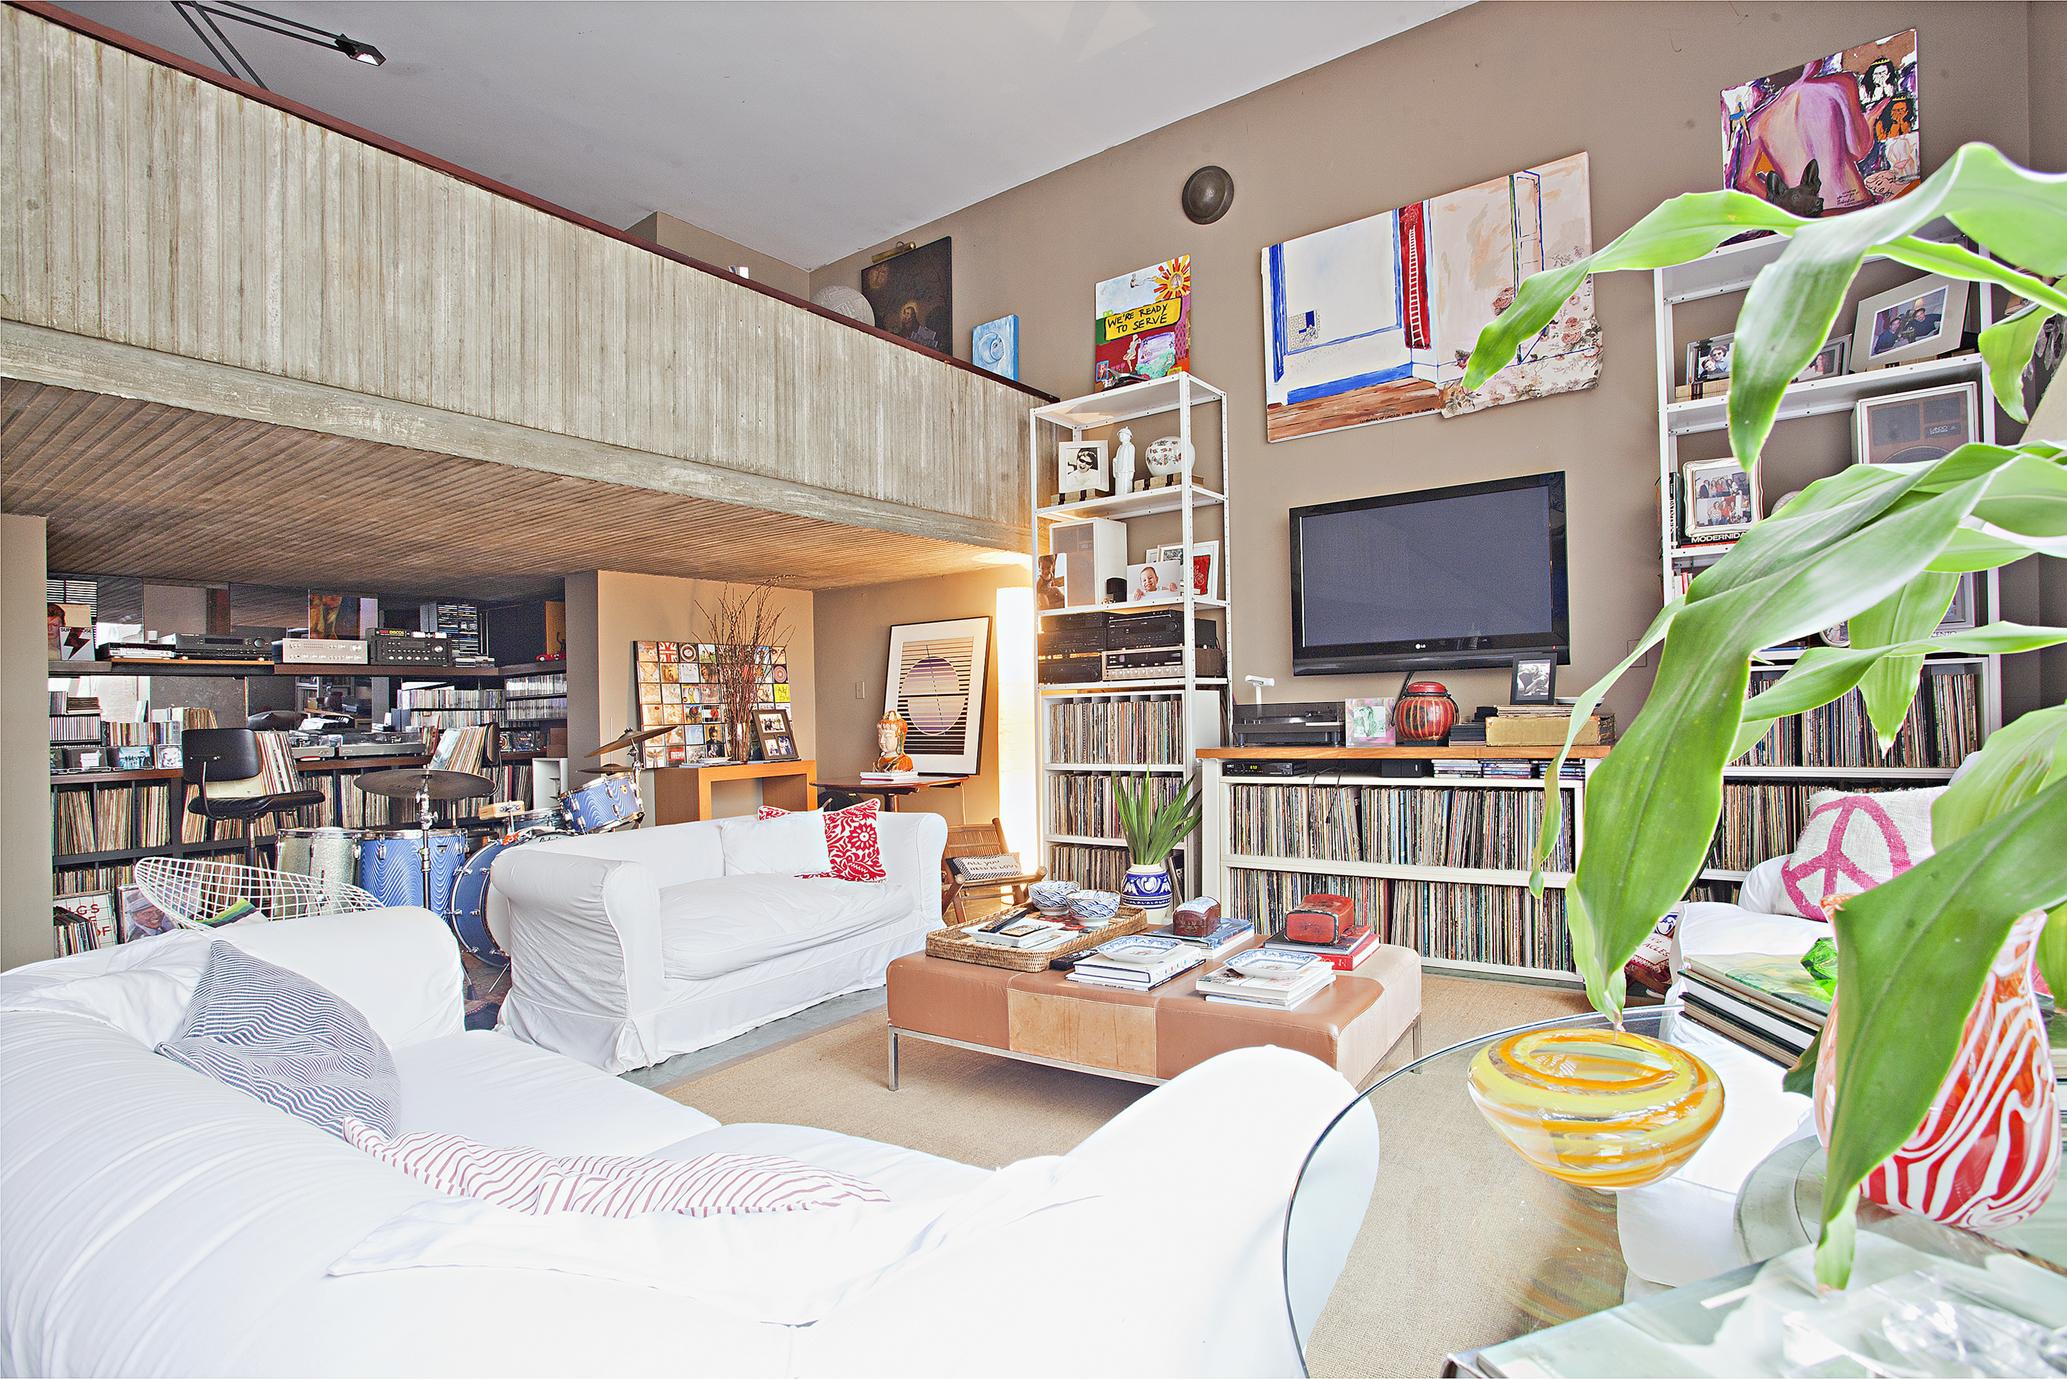 단독 가정 주택 용 매매 에 Clemon Ferrant Jardim America, Sao Paulo, 상파울로 브라질